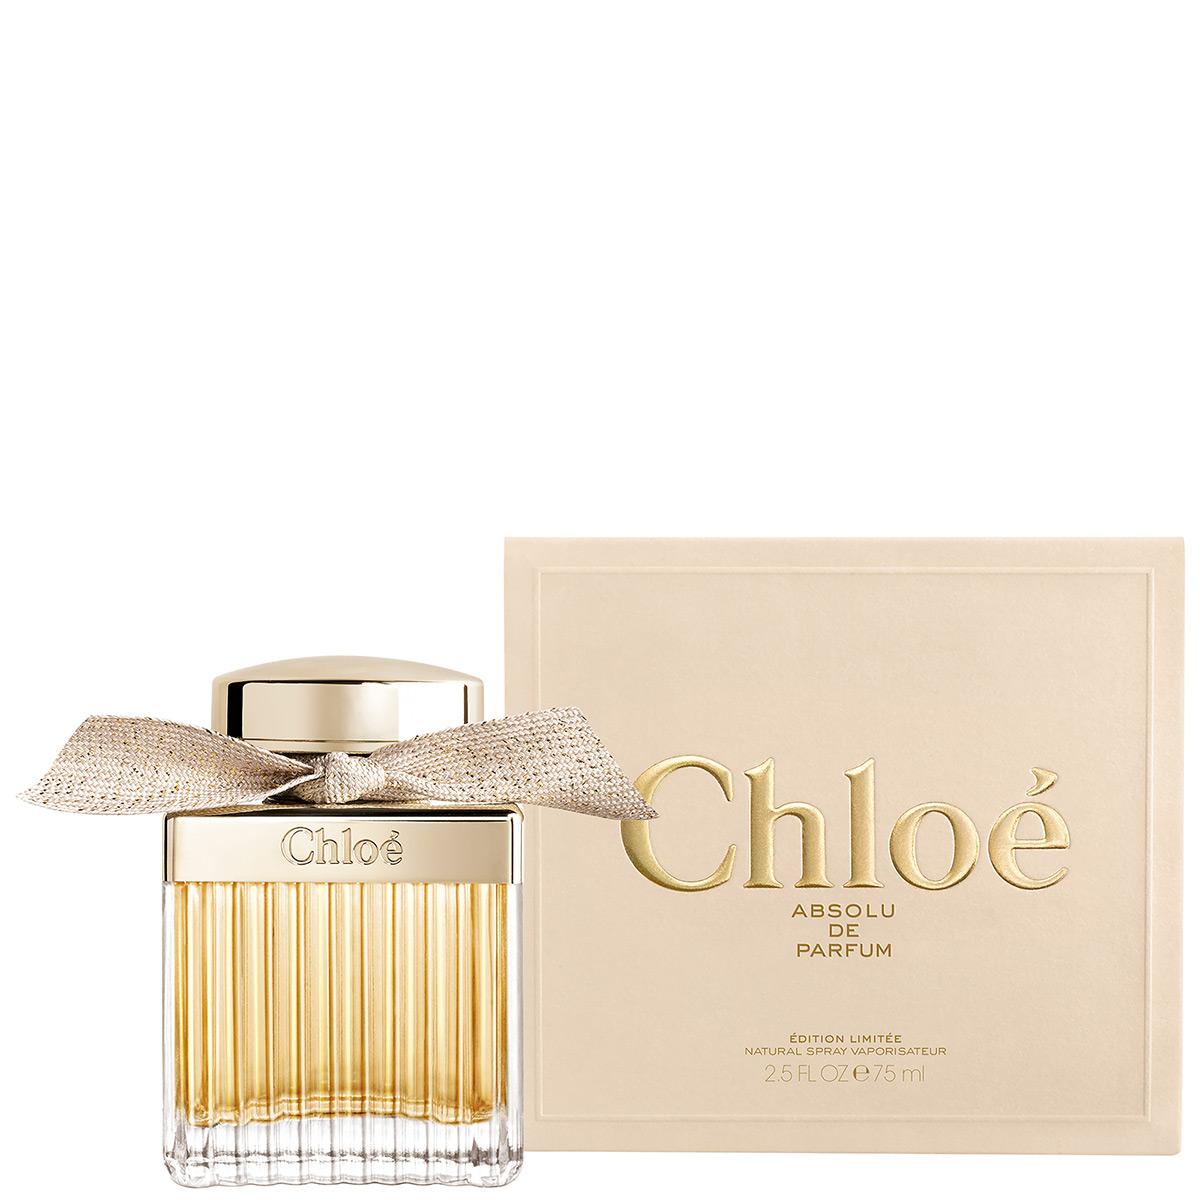 Parfum Chloé De Absolu Parfum De Chloé Parfum Chloé Absolu Chloé Absolu De srCxdthQ